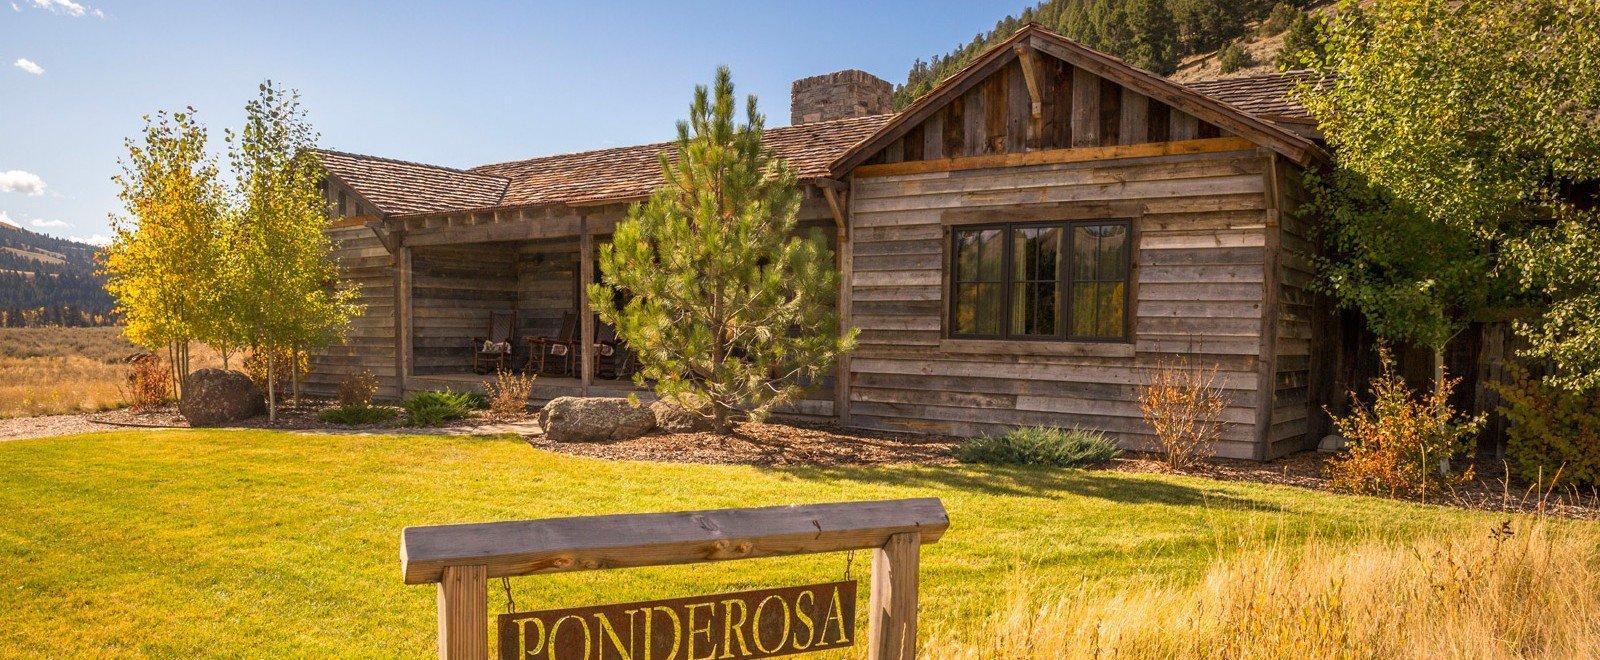 Ponderosa The Ranch At Rock Creek